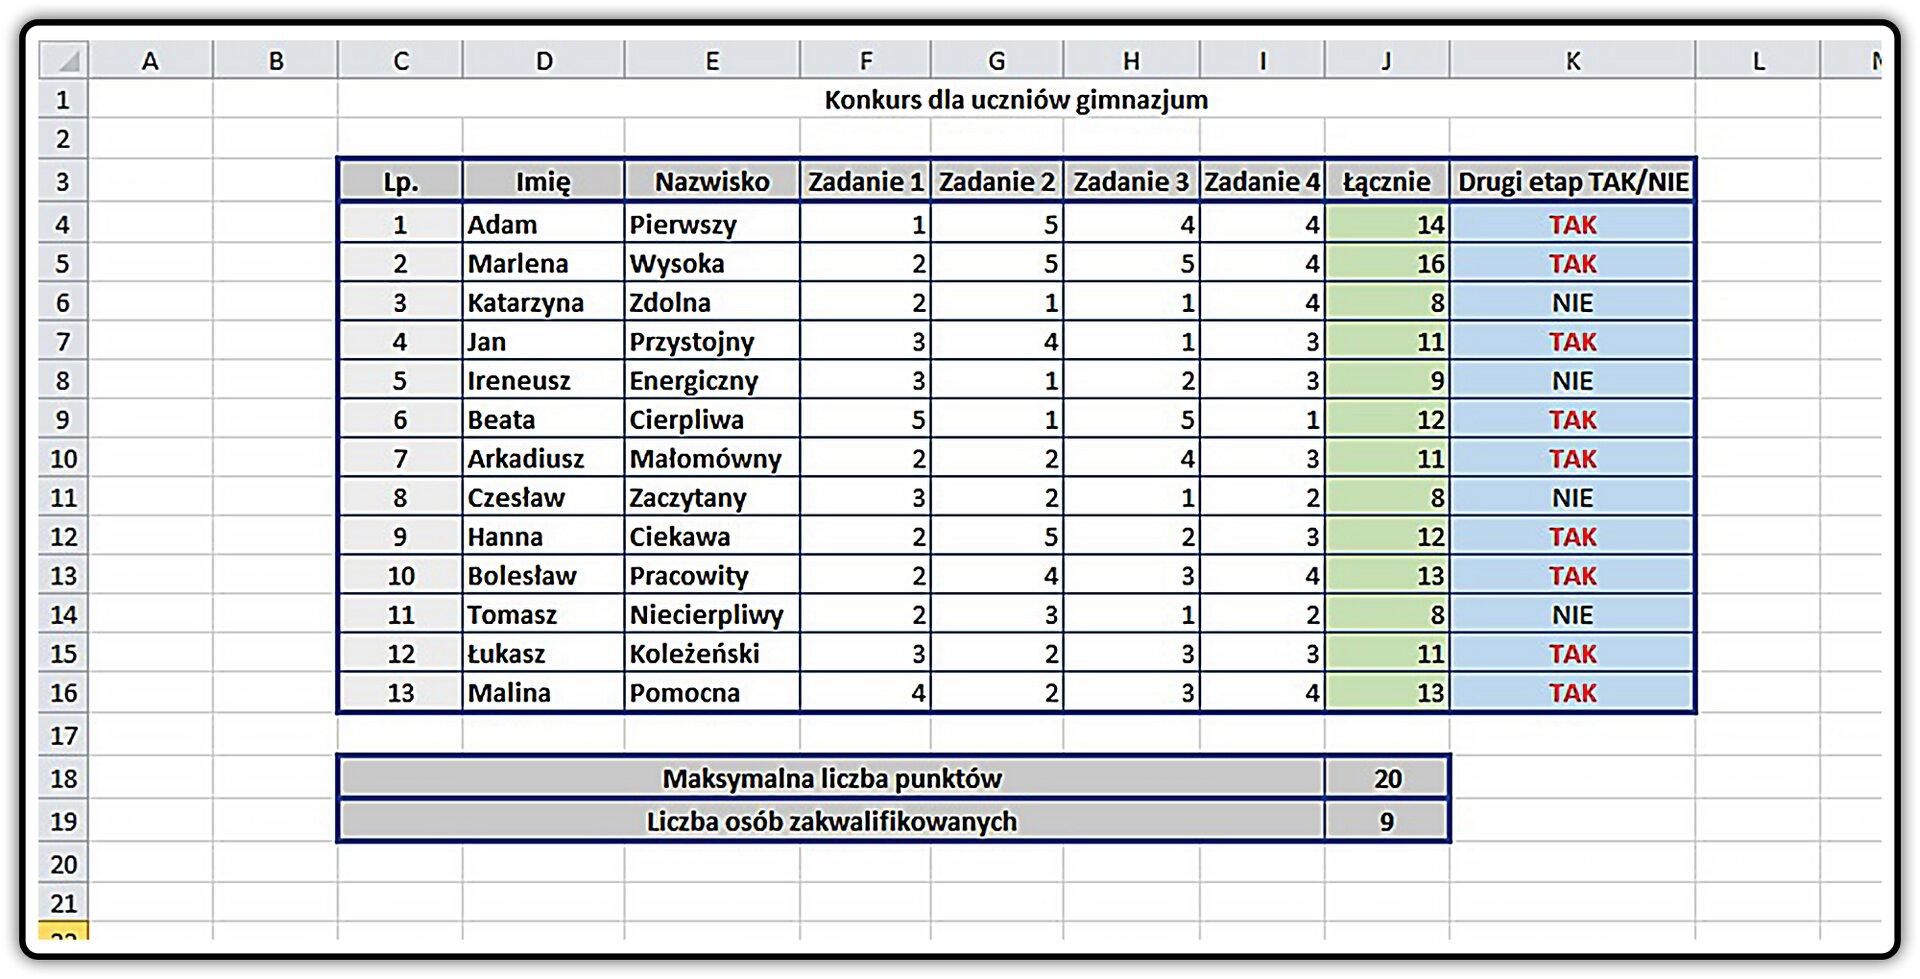 Zrzut tabeli zprzykładowym efektem